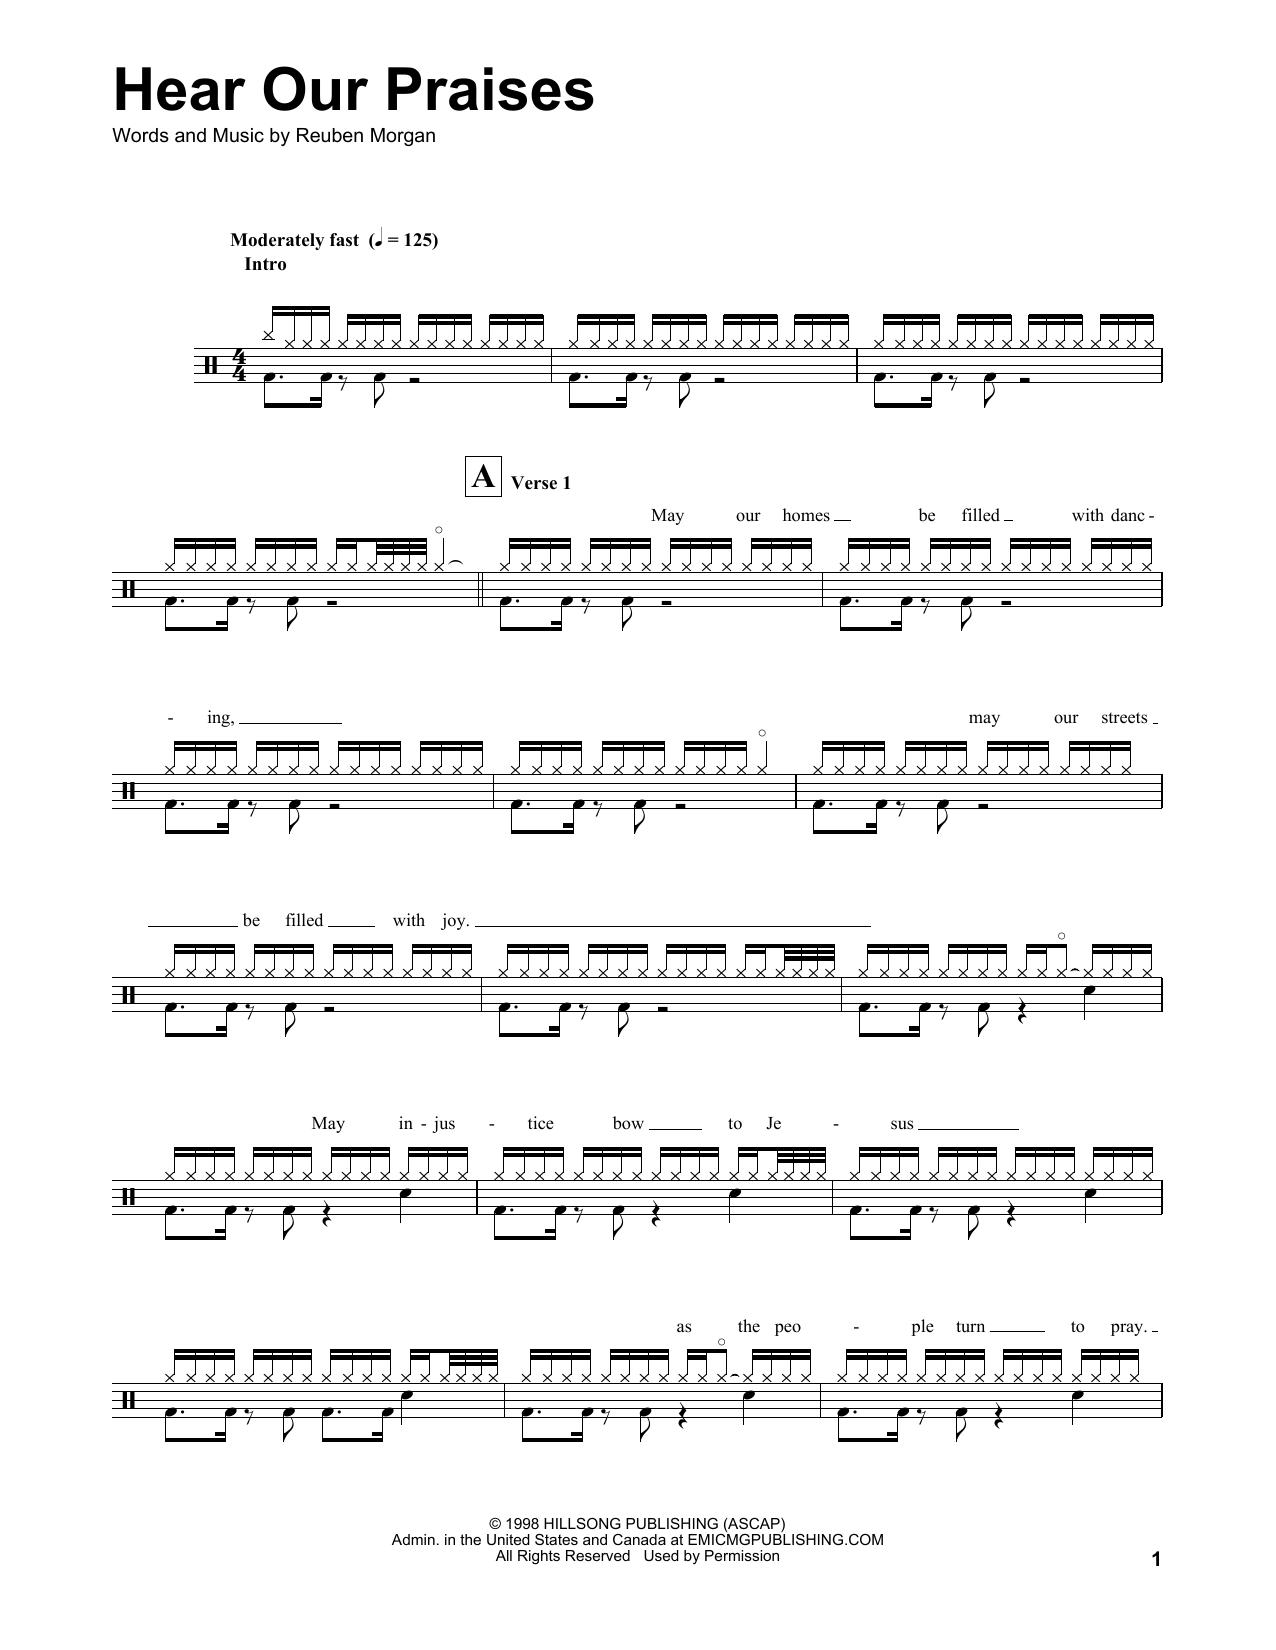 Hear Our Praises (Drums Transcription)